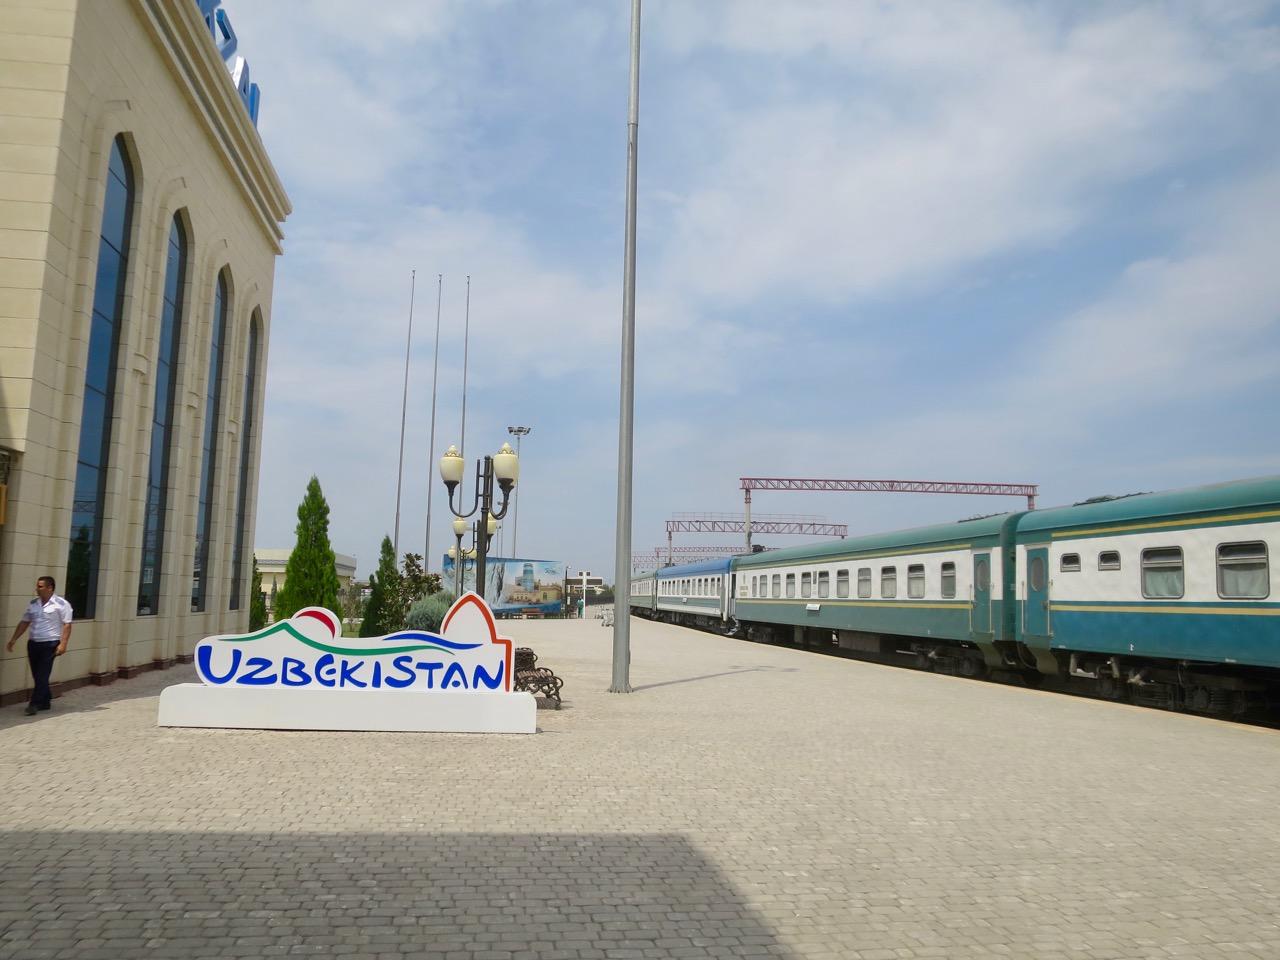 Uzbek trains 1 04